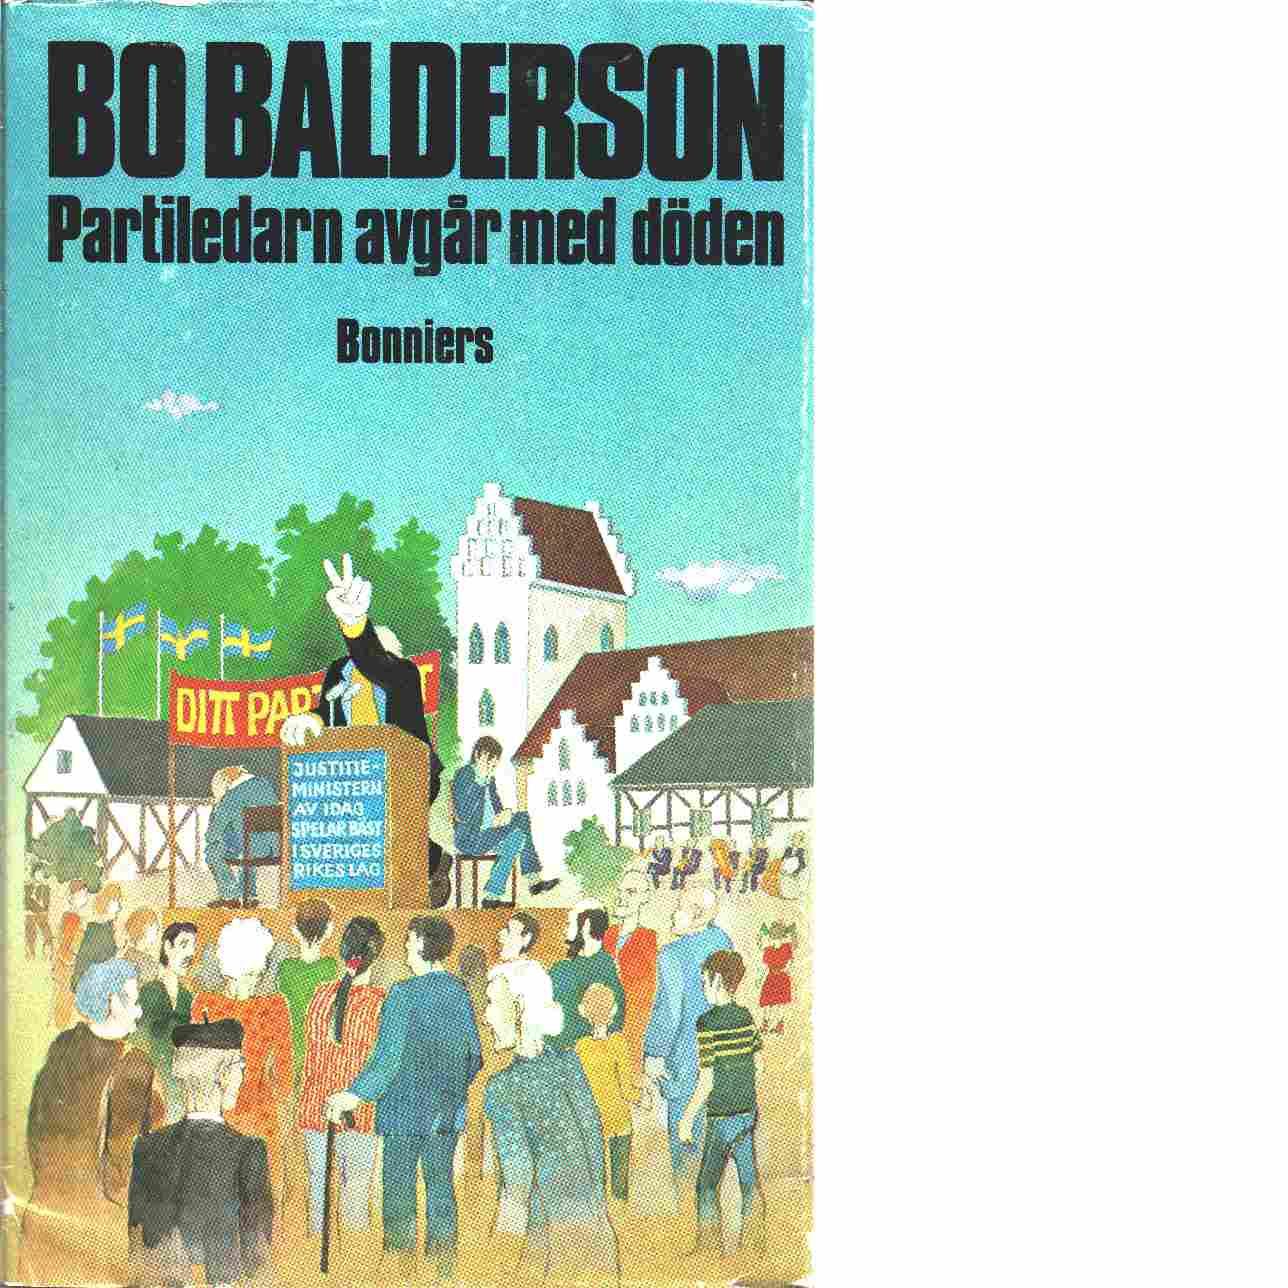 Partiledarn avgår med döden - Balderson, Bo